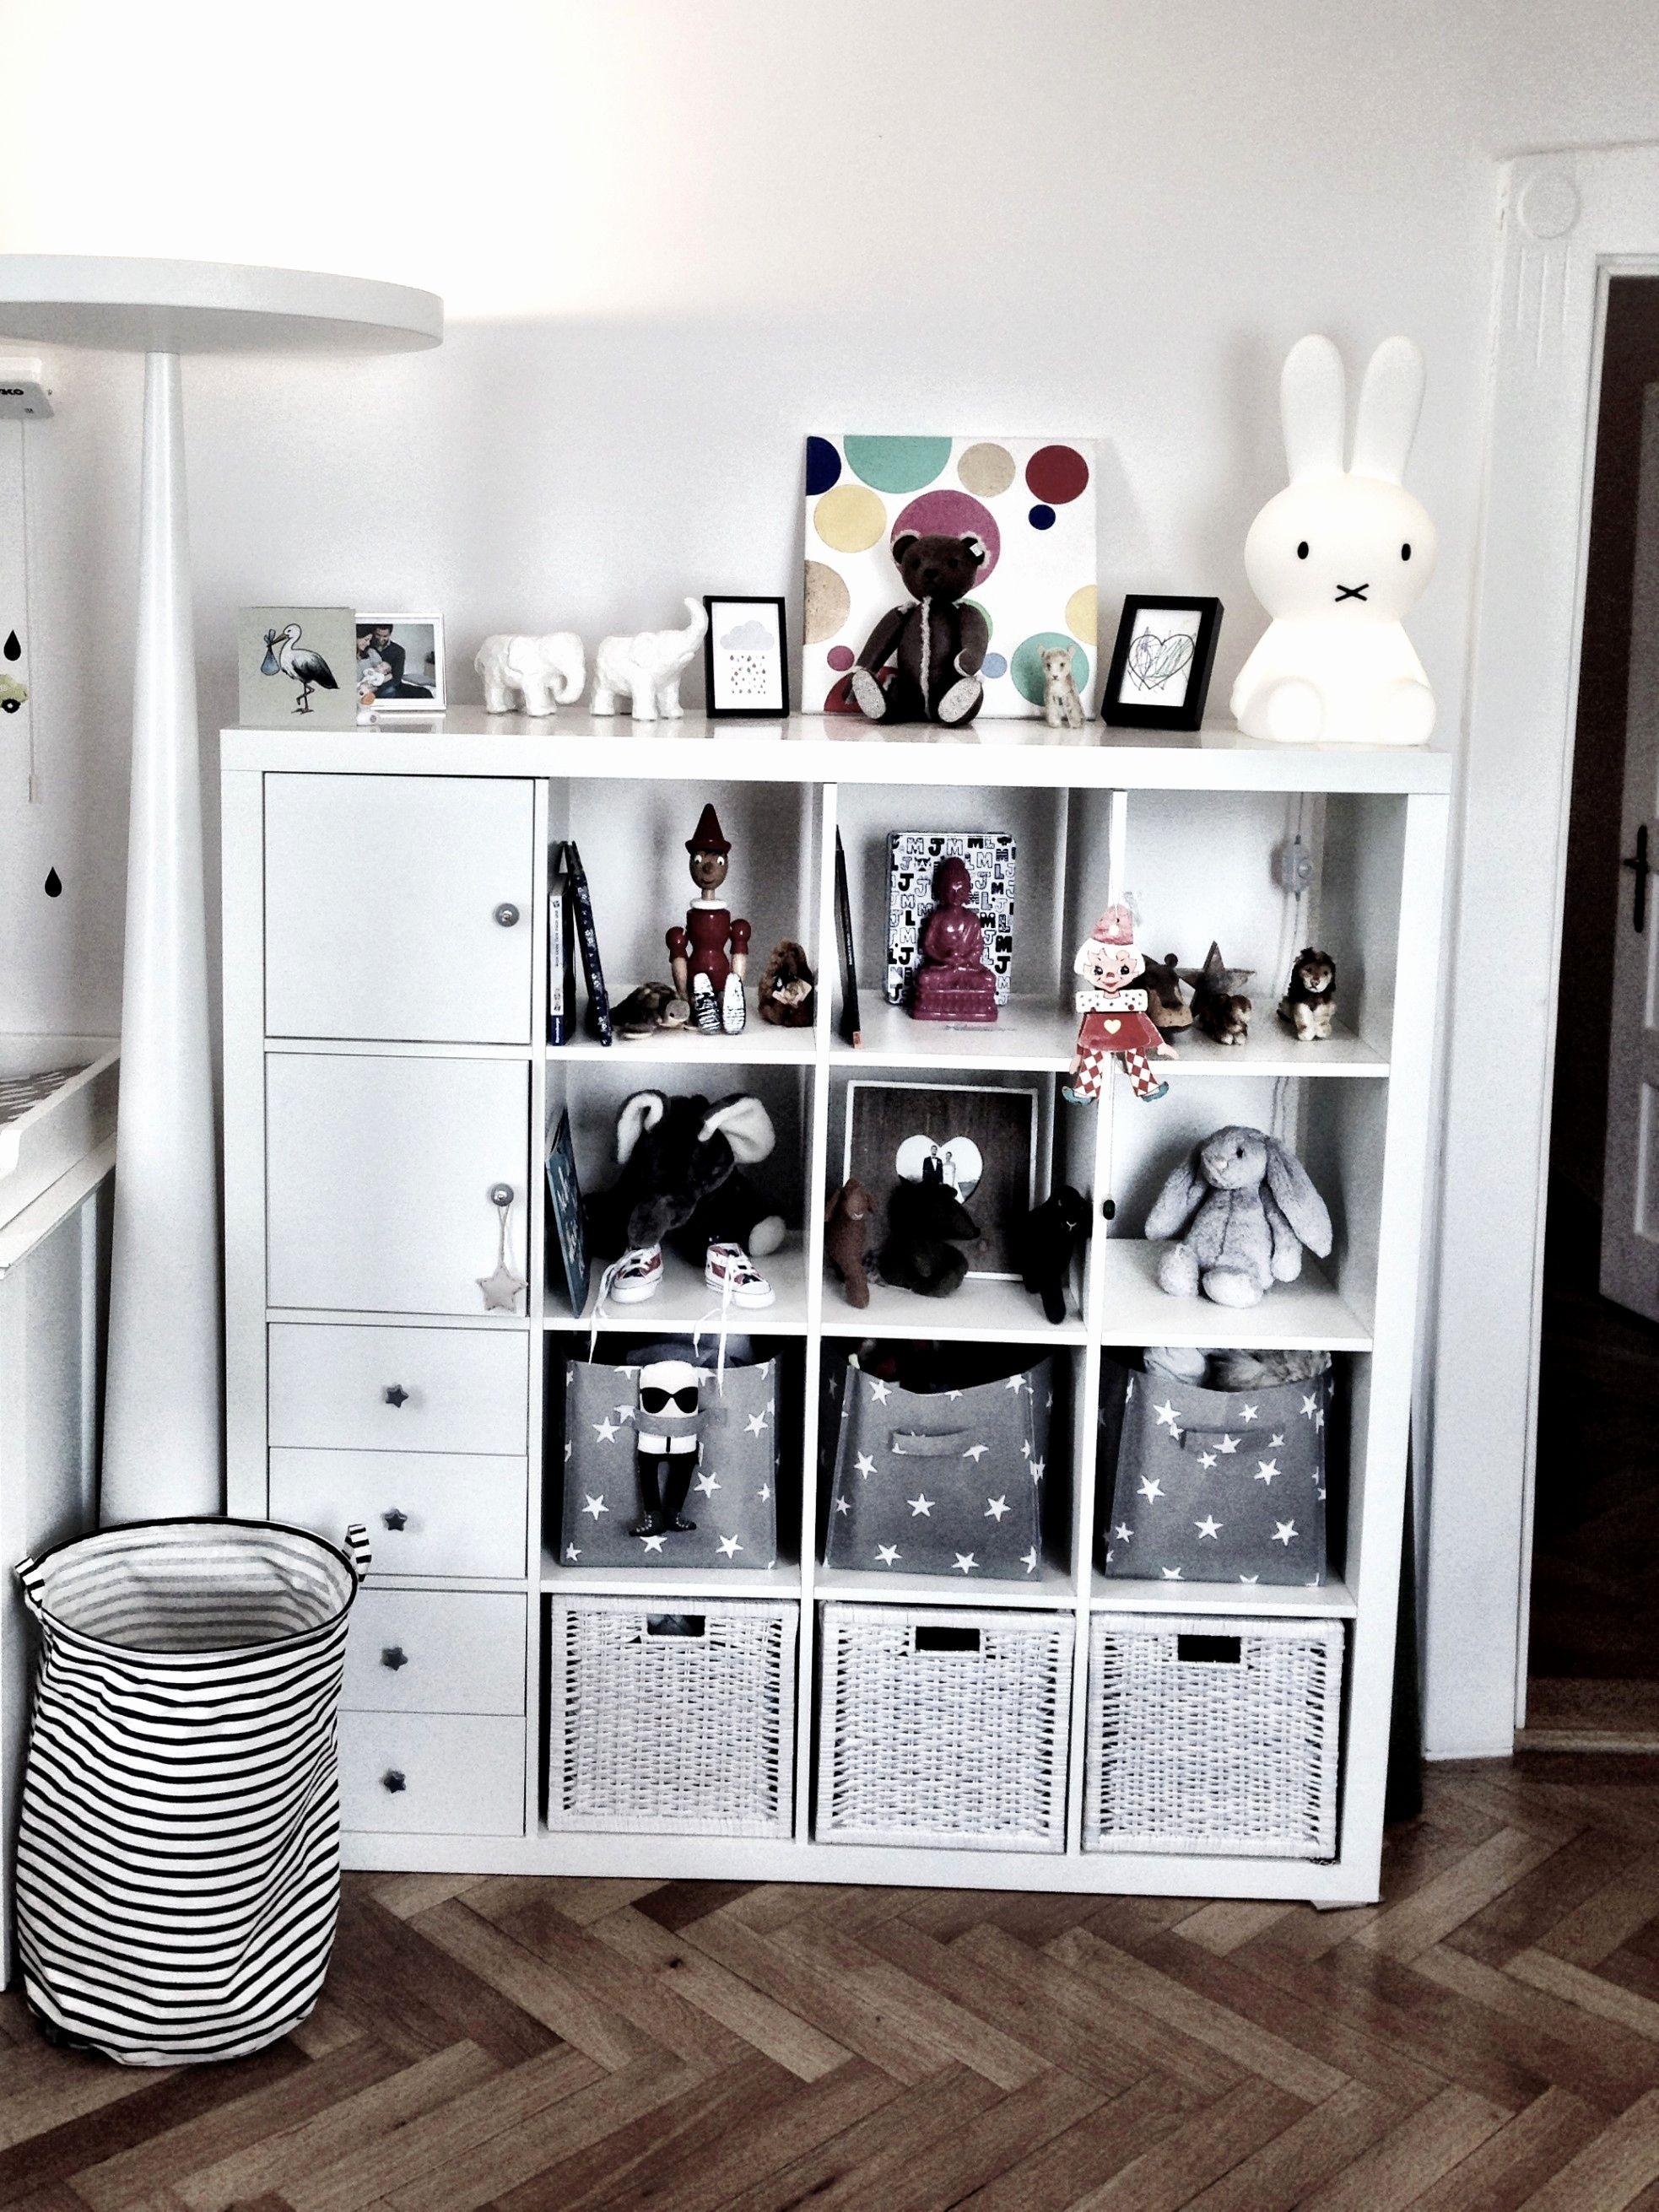 12 Best Of Kollektion Von Kinderzimmer Regal Raumteiler Kinderzimmer Kinderzimmer Madchen Ikea Ikea Kinderzimmer Regal